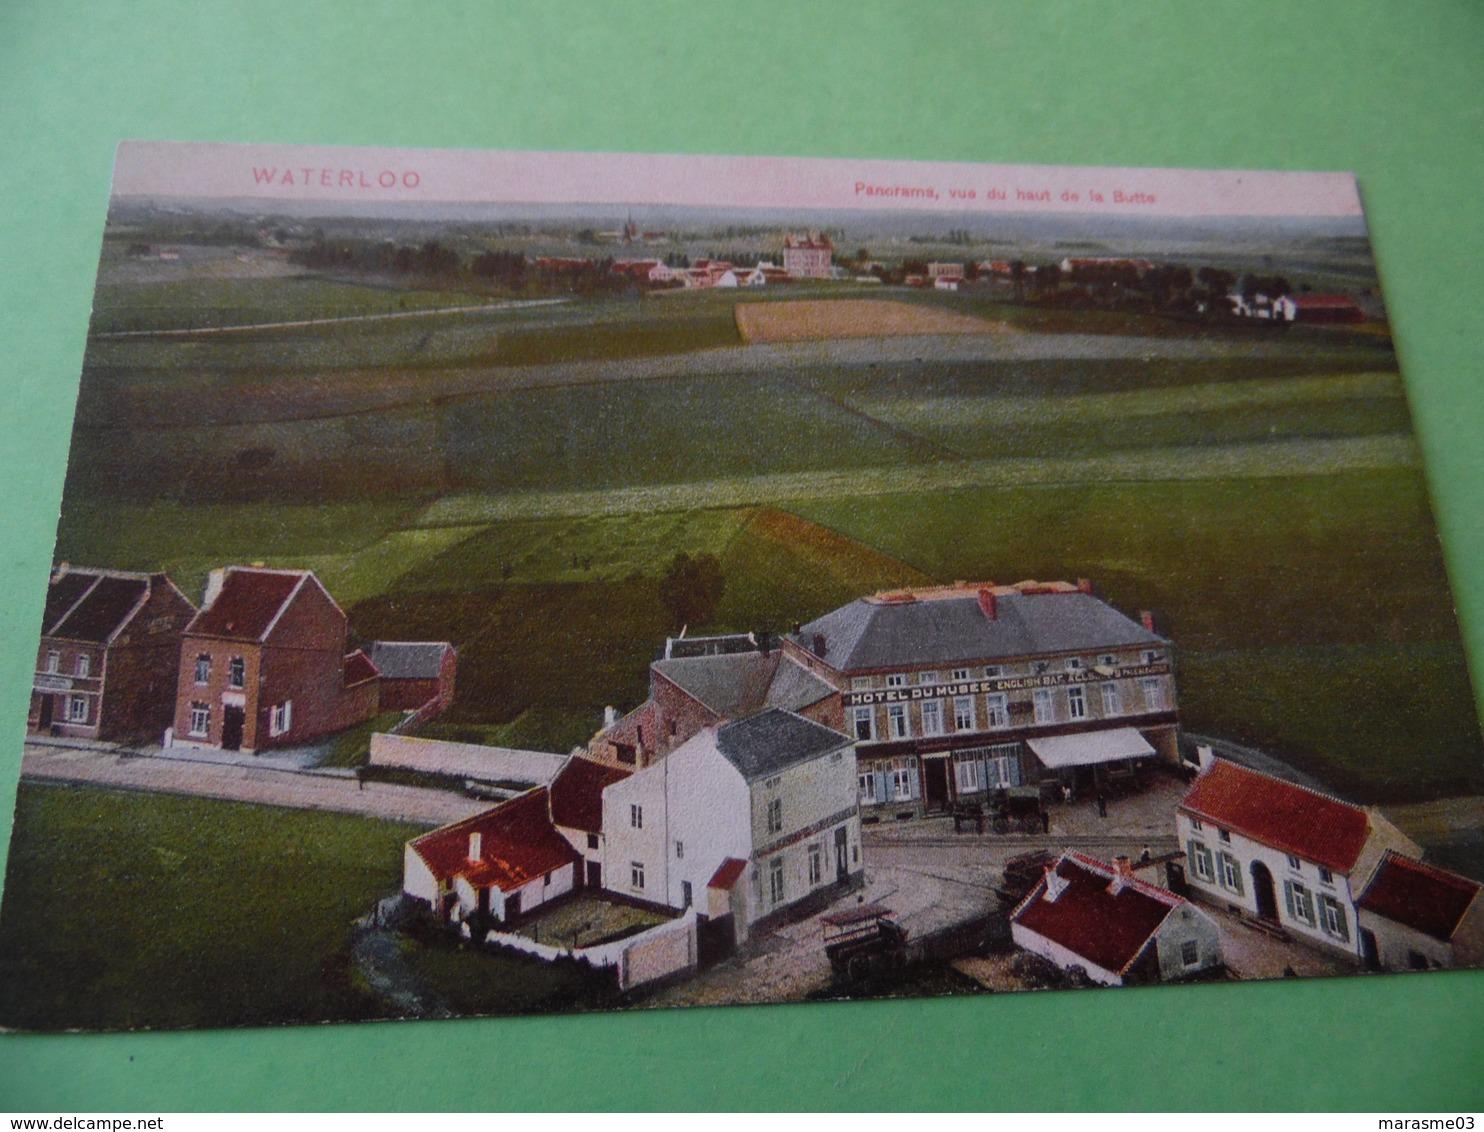 CPA  - WATERLOO  -  Panorama Vue Du Haut De La Butte - Waterloo